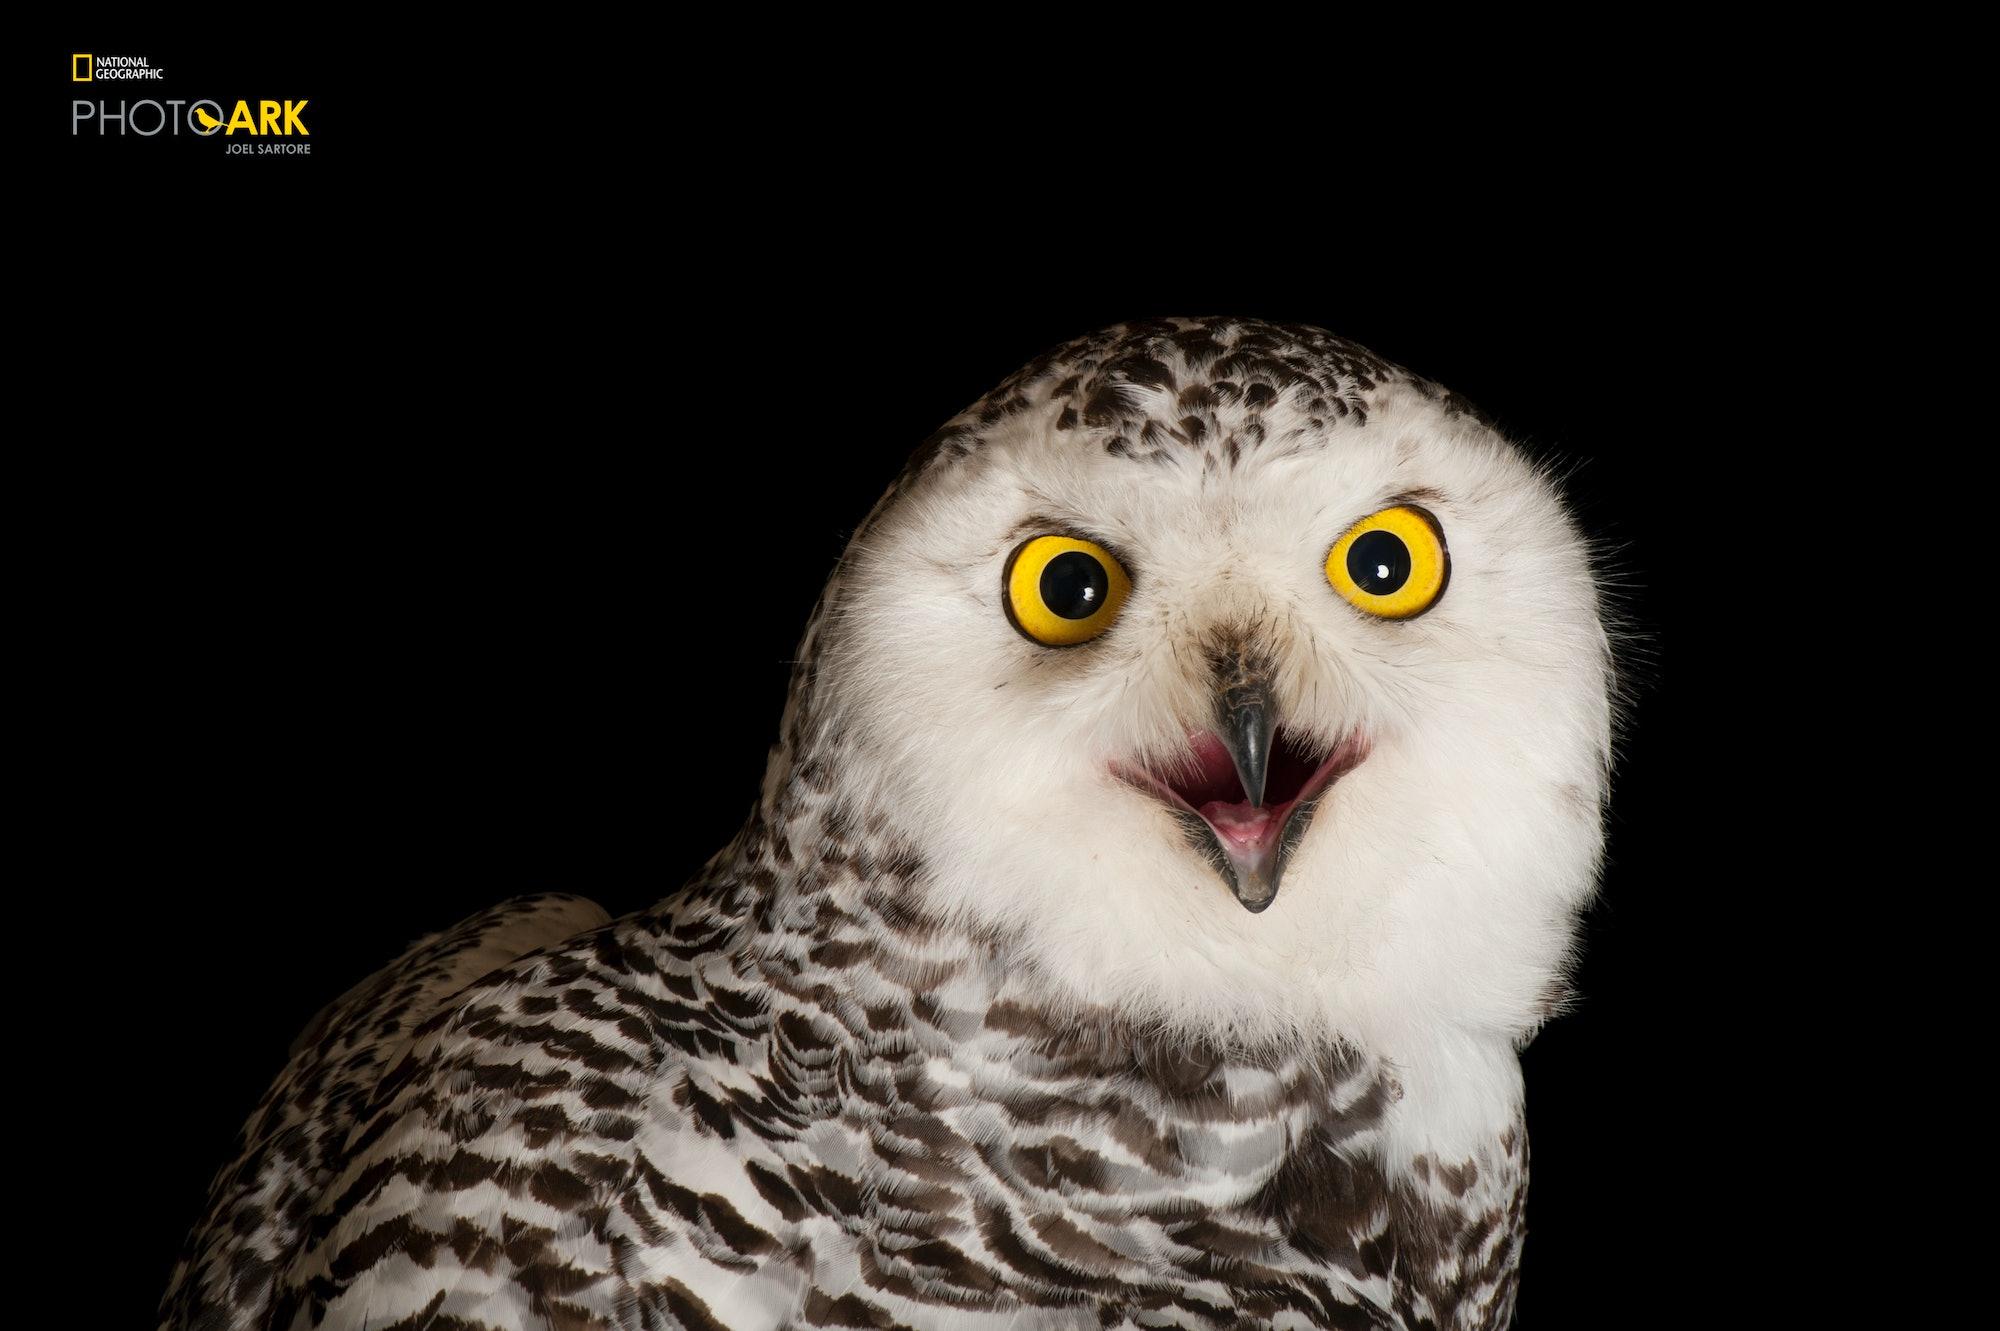 snowy owl the photo ark